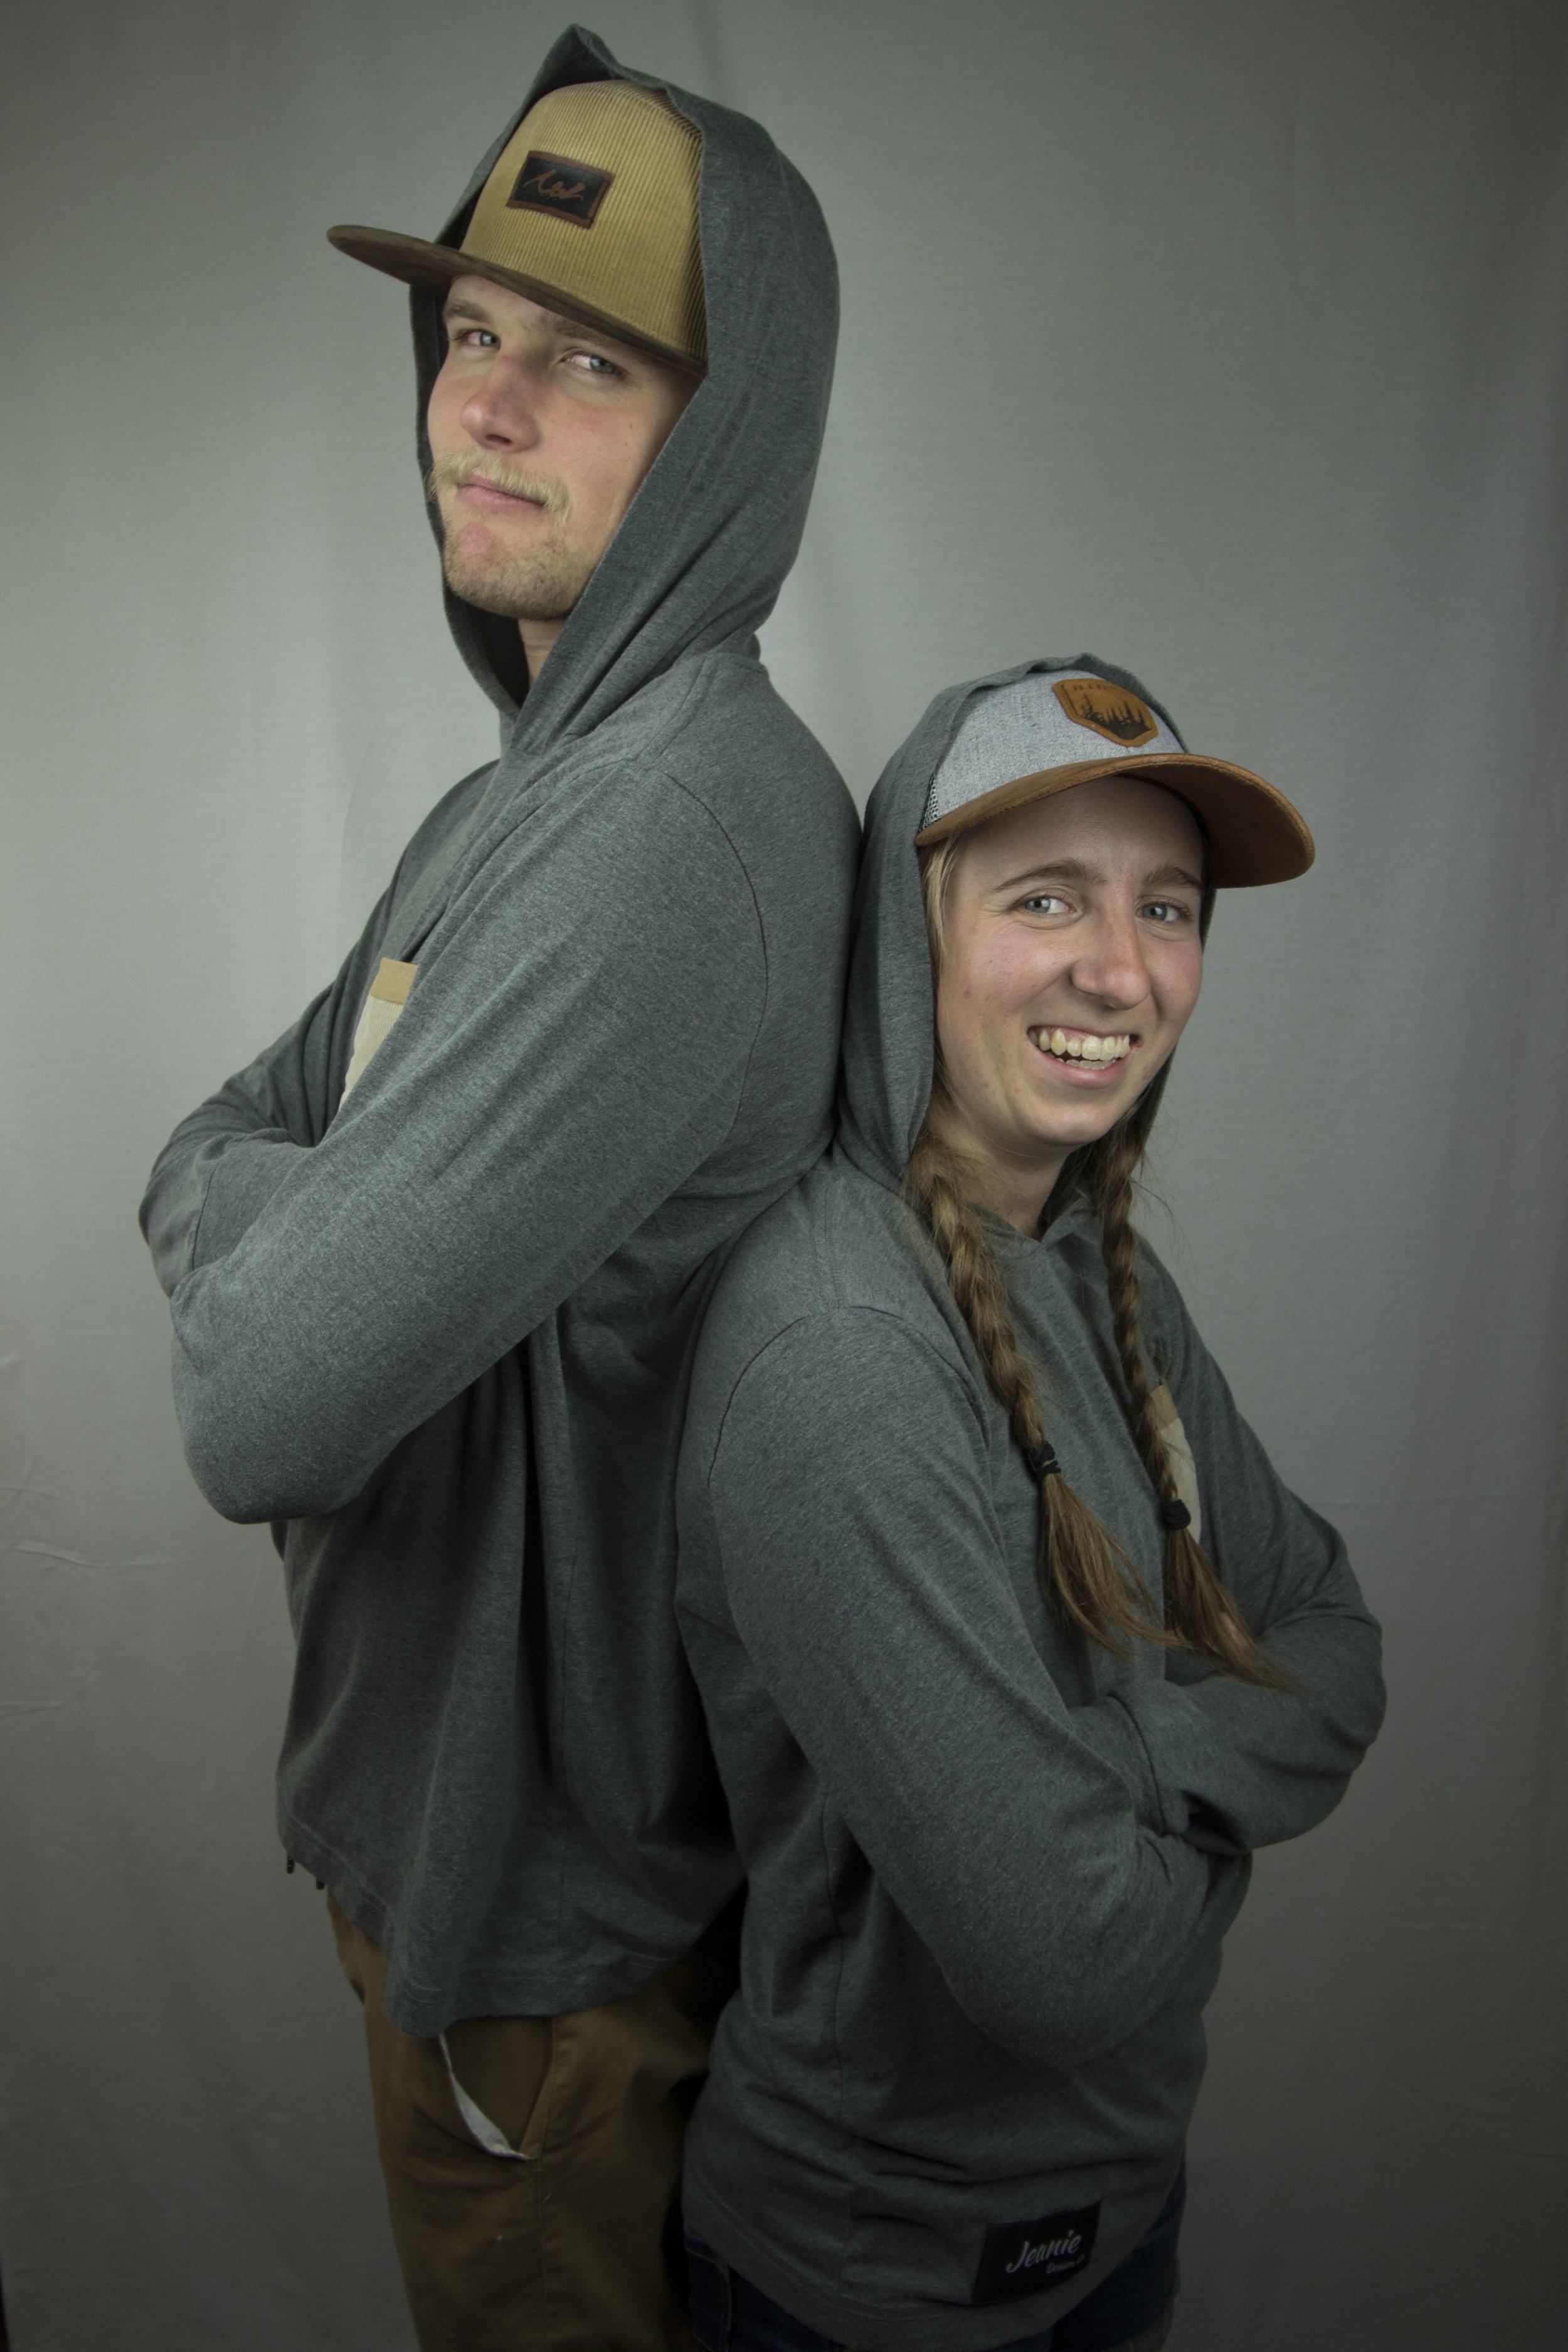 Taller: Kirk Scully, Shorter: Meghan Keim